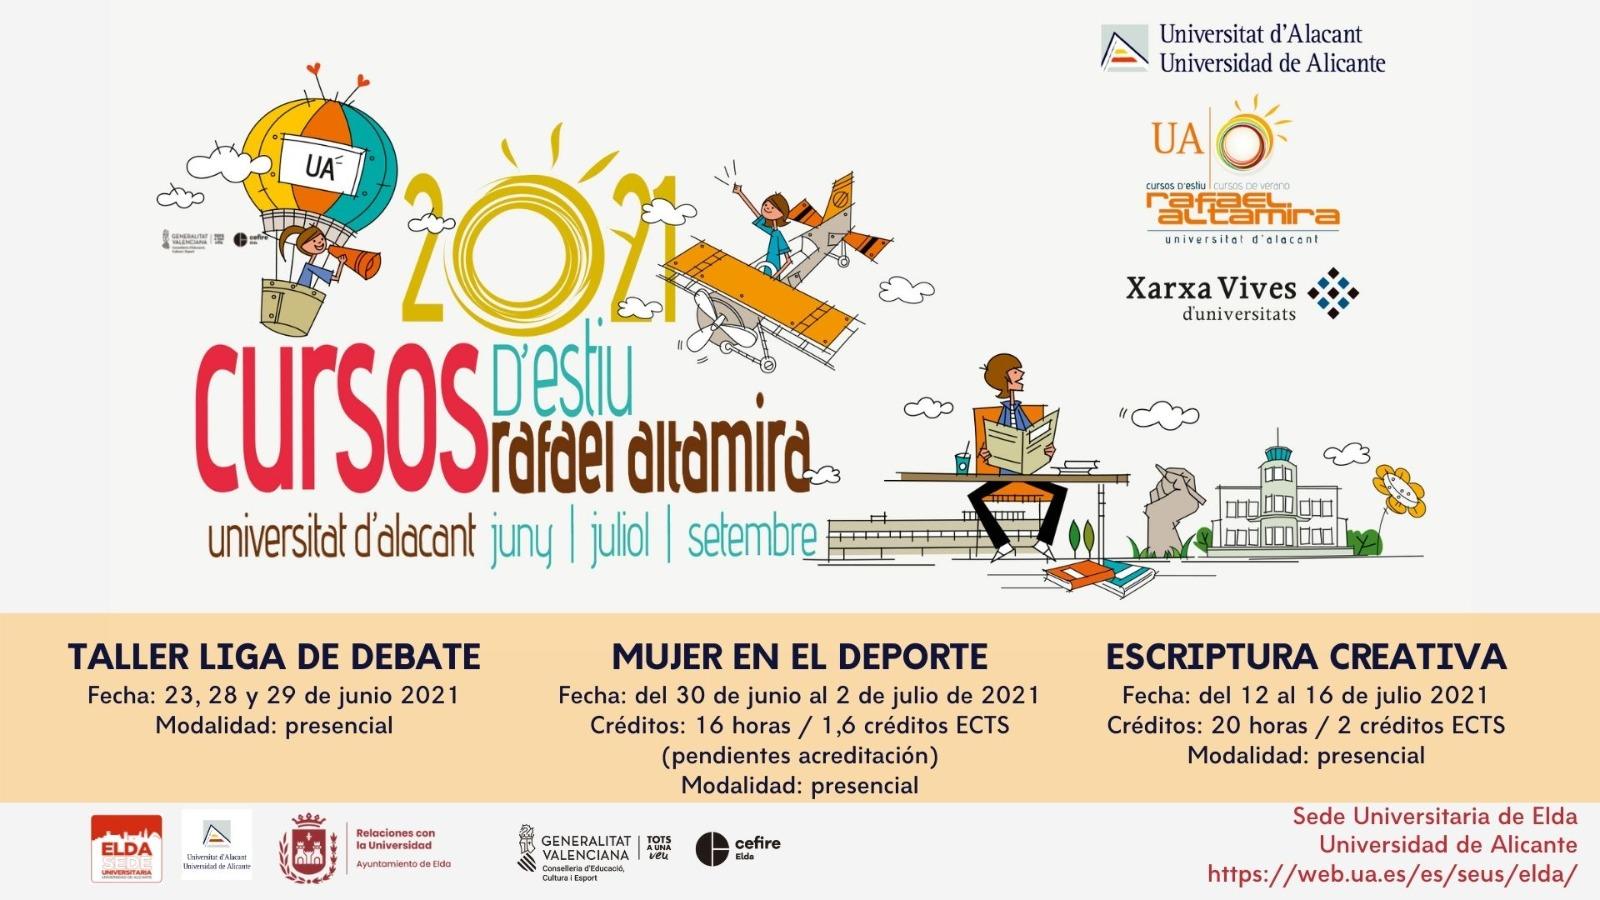 La Sede Universitaria de Elda impartirá tres cursos de verano de la Universidad de Alicante